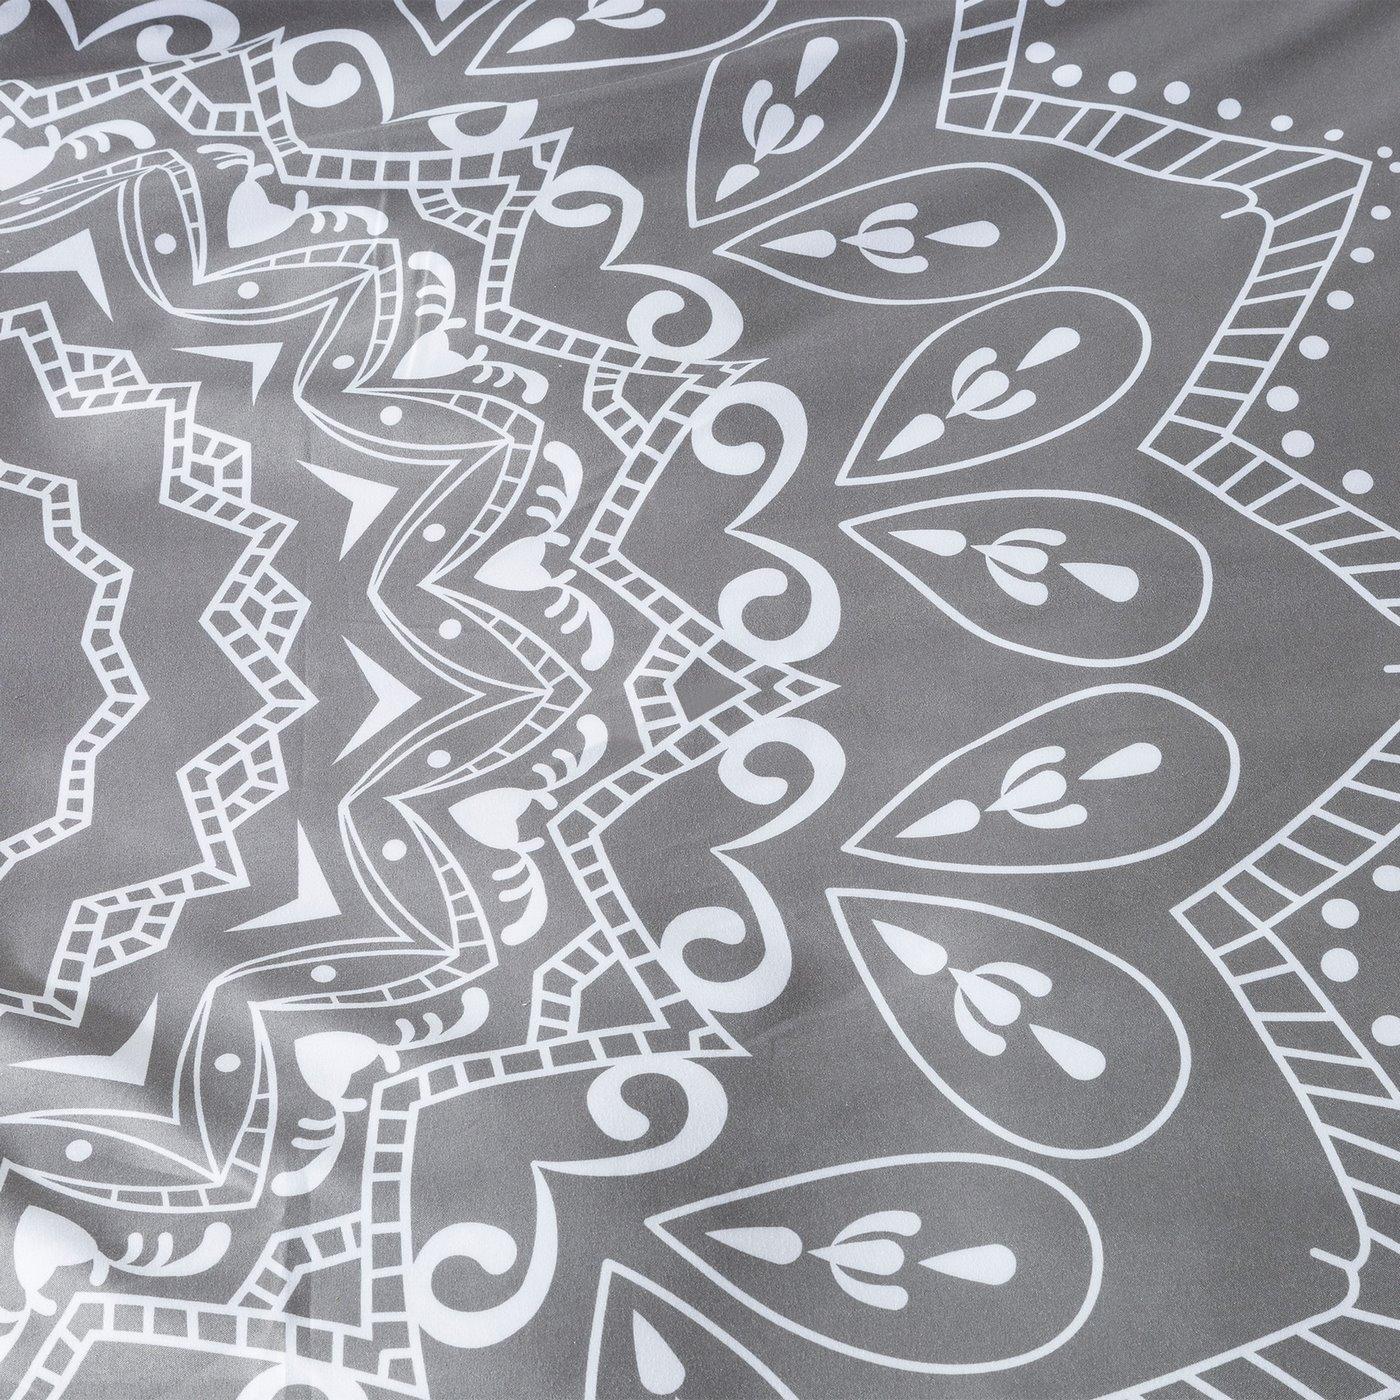 Komplet pościeli z MIKROFIBRY 160 x 200 cm, 2 szt. 70 x 80 cm, szara, biały wzór